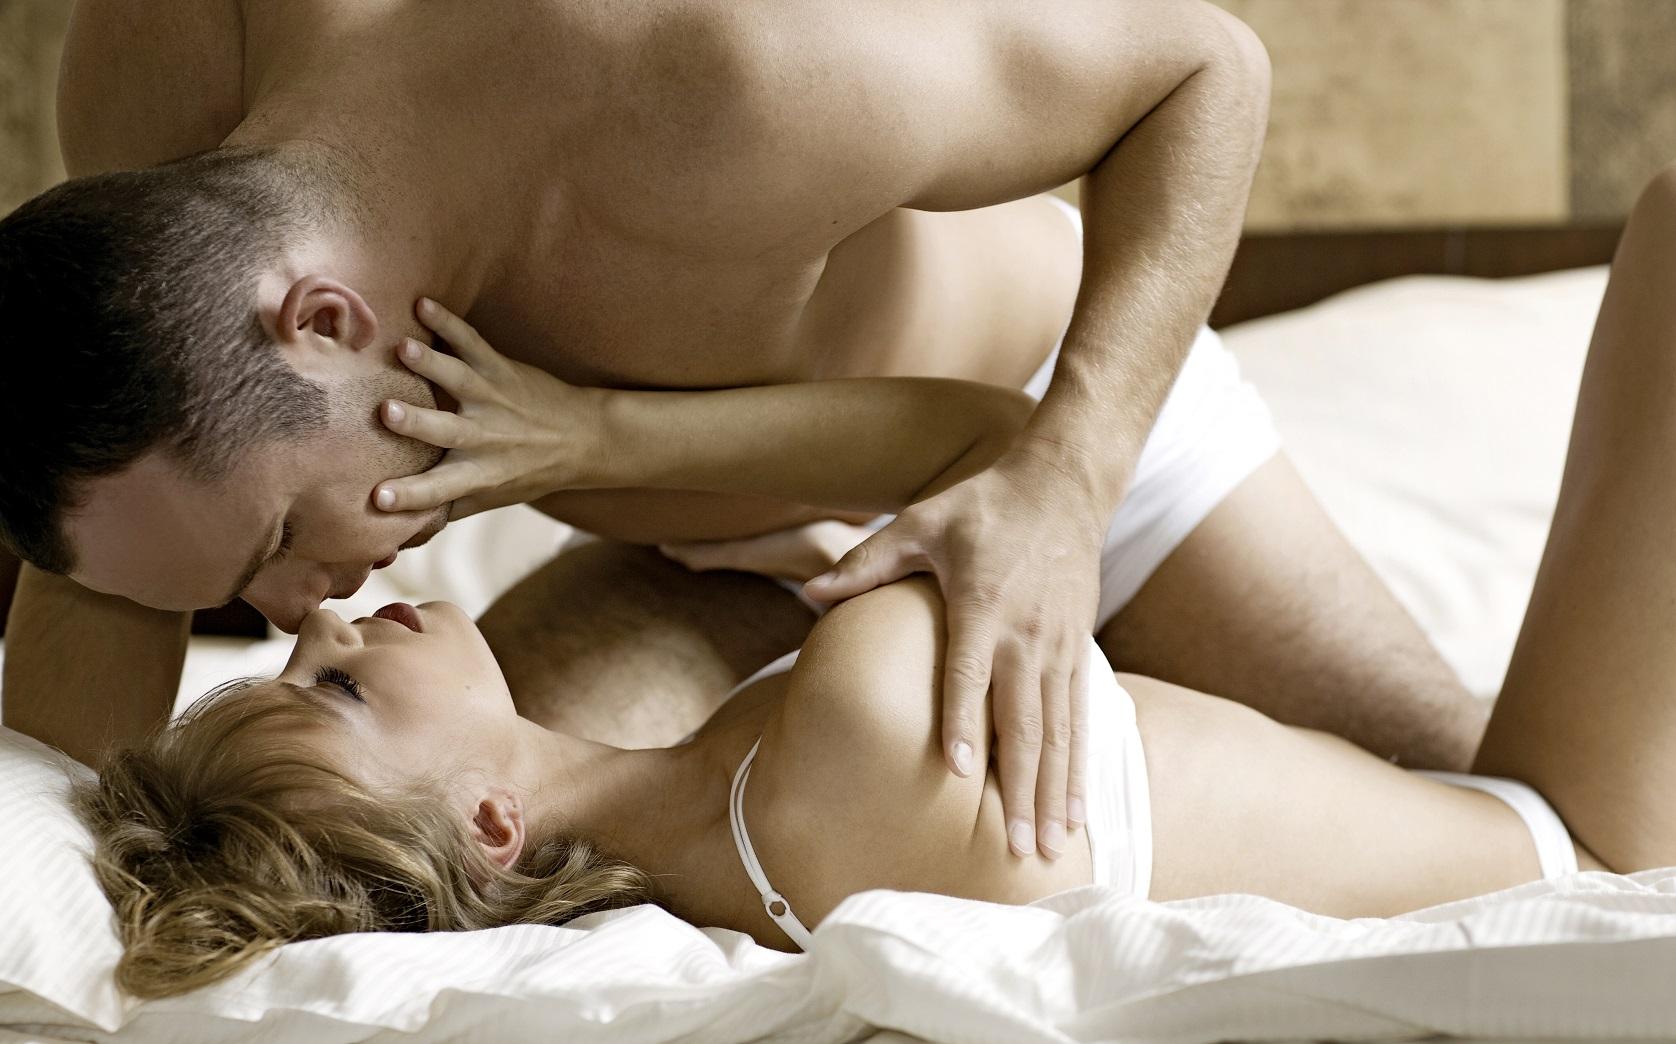 фото половых актов с женщинами коем случае